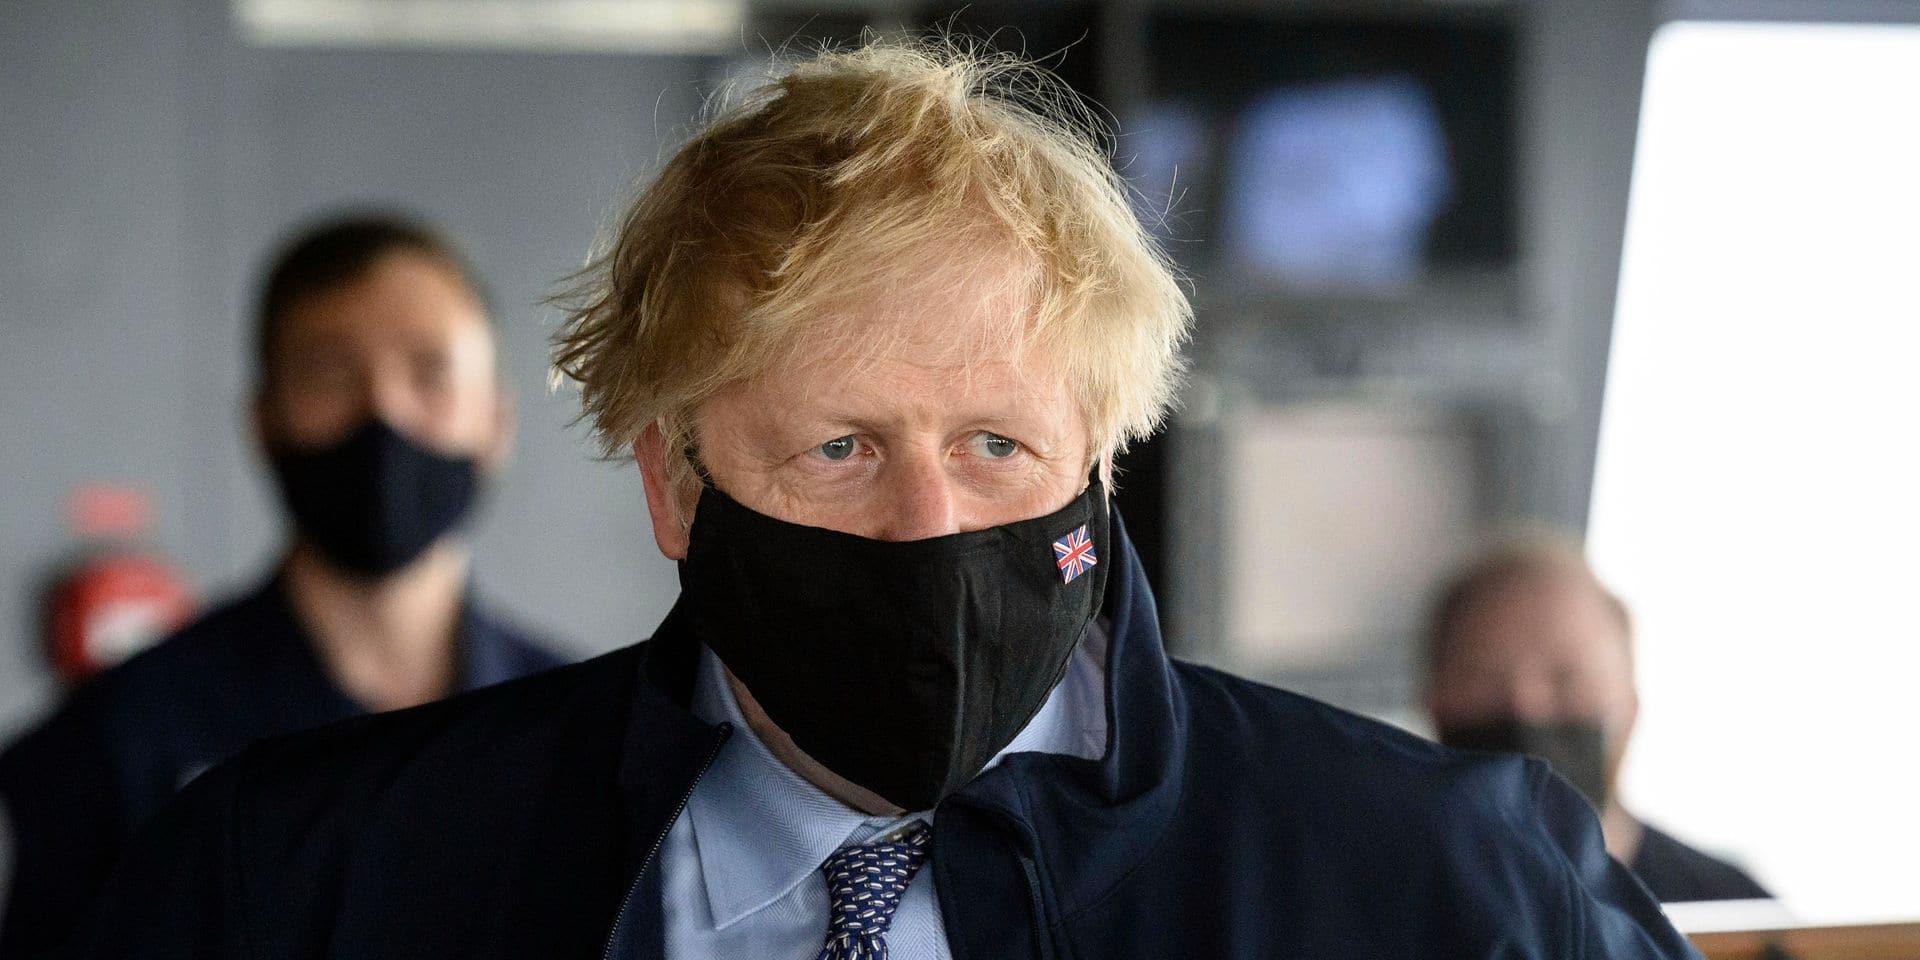 Le Premier ministre britannique Boris Johnson devrait se marier en juilllet 2022